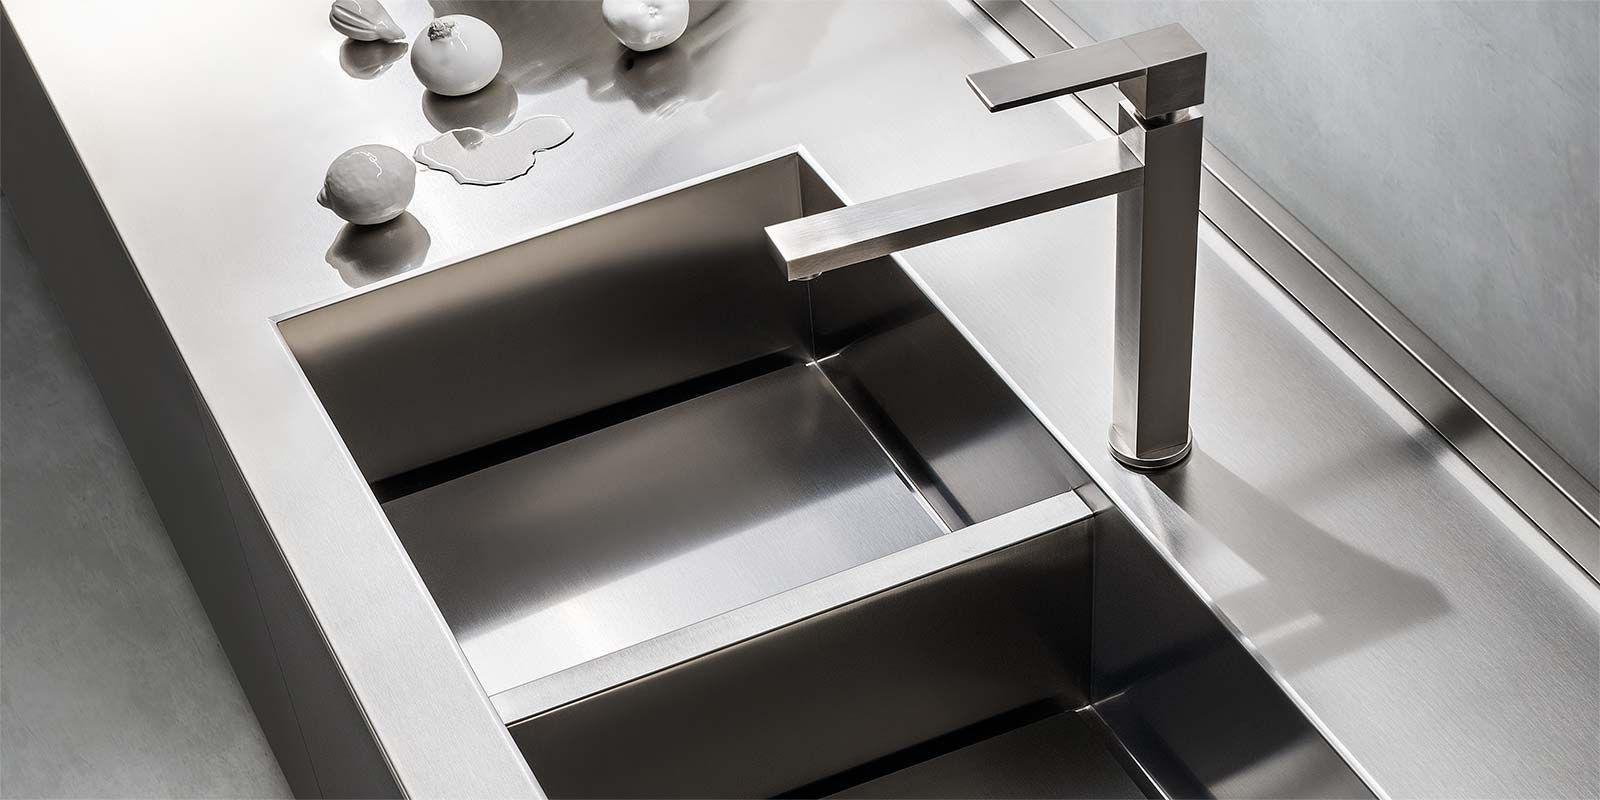 Lavello a 2 vasche / in acciaio inox - ONE - ERNESTOMEDA